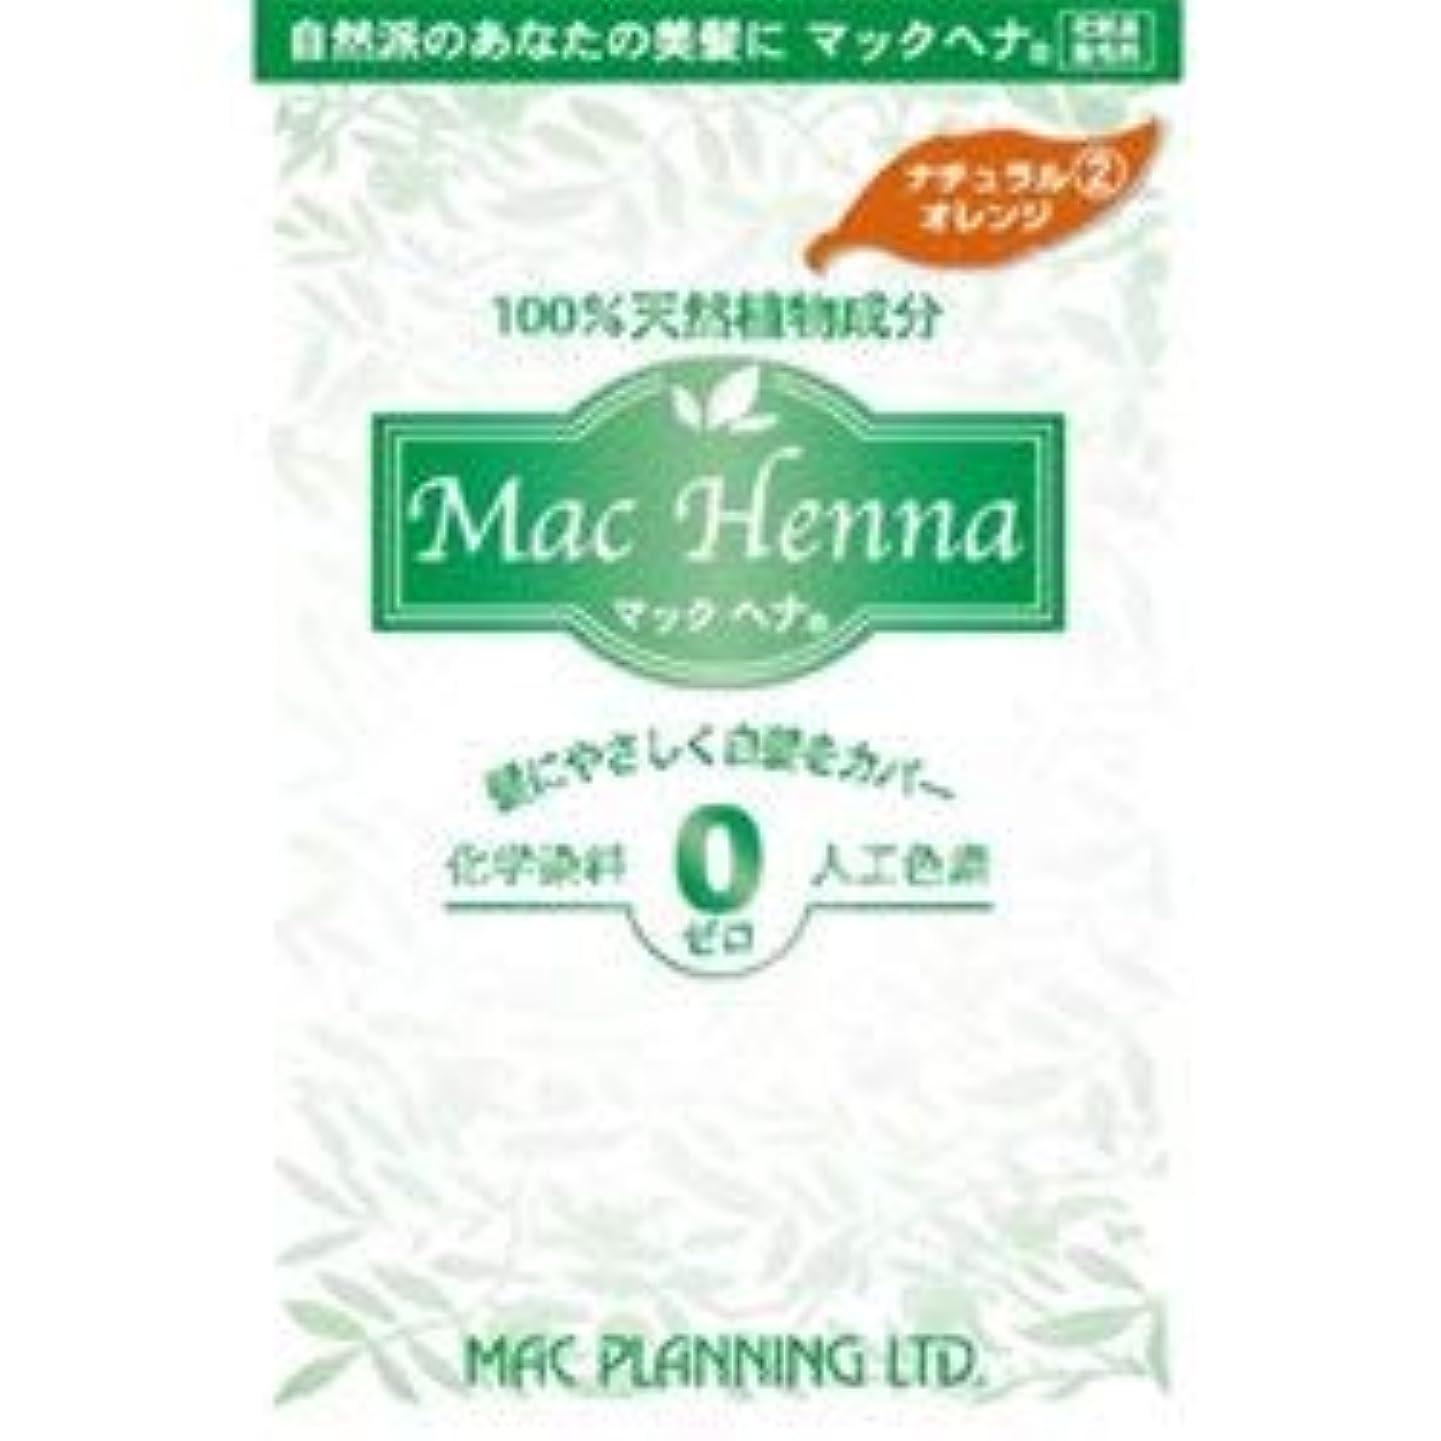 シーフード妊娠した晩ごはん【マックプランニング】マック ヘナハーバルヘアートリートメント NOR (100g) ×10個セット